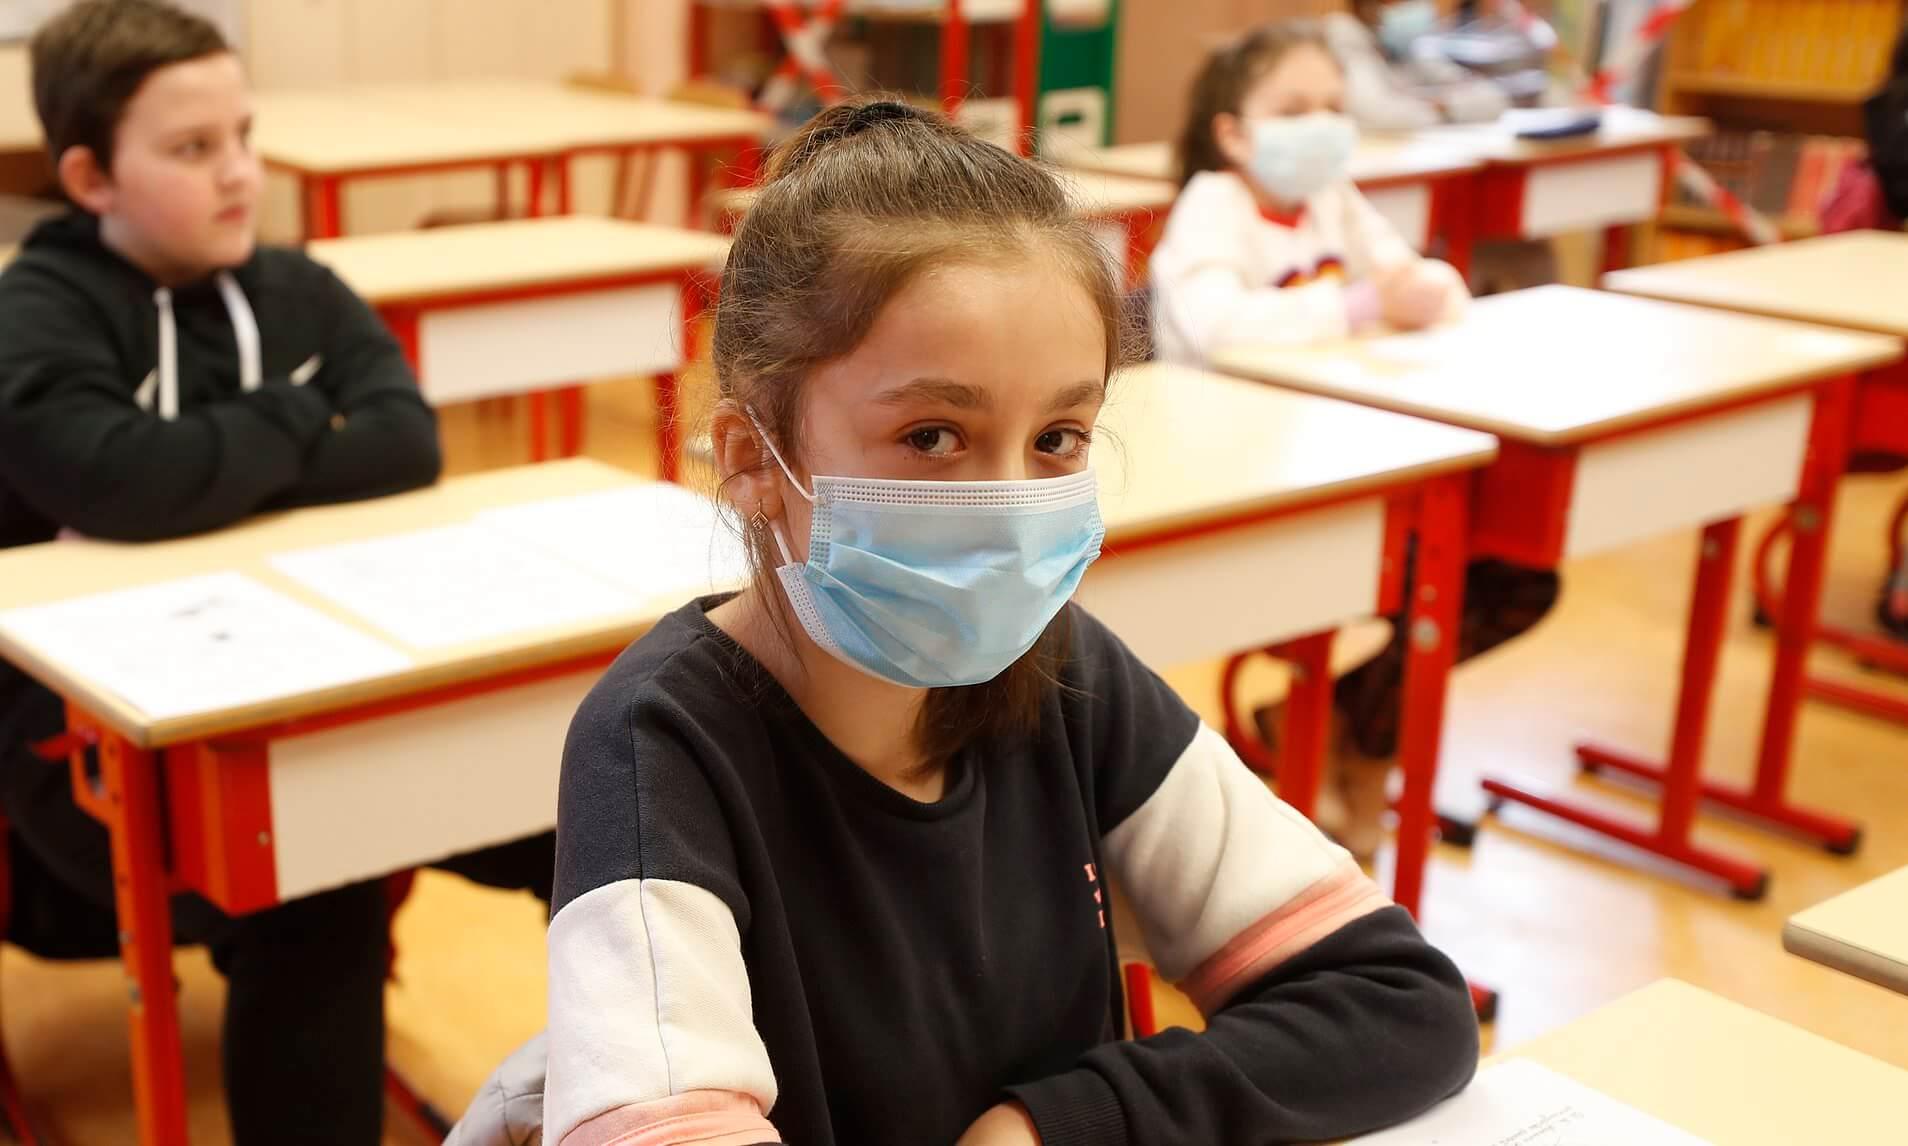 Școala începe la 14 septembrie! DSP-urile au publicat situaţia epidemiologică pentru fiecare localitate